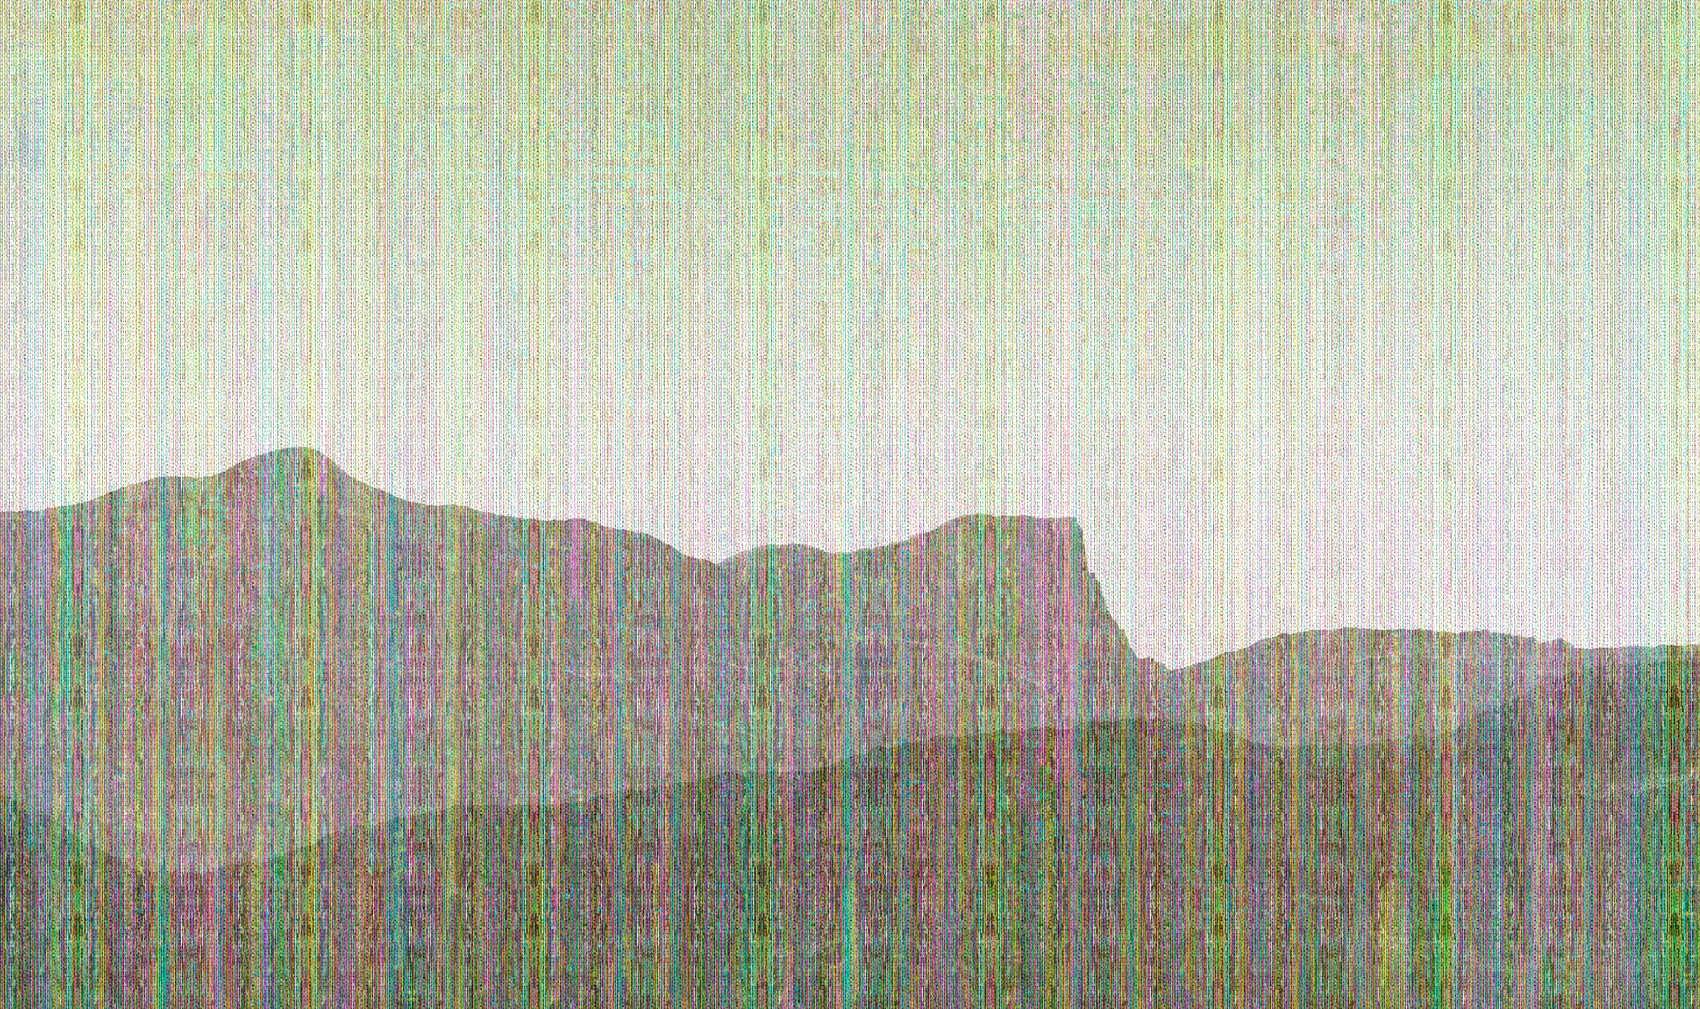 Landscape recovery 6, 2016, Jet d'encre, 78 x 135 cm